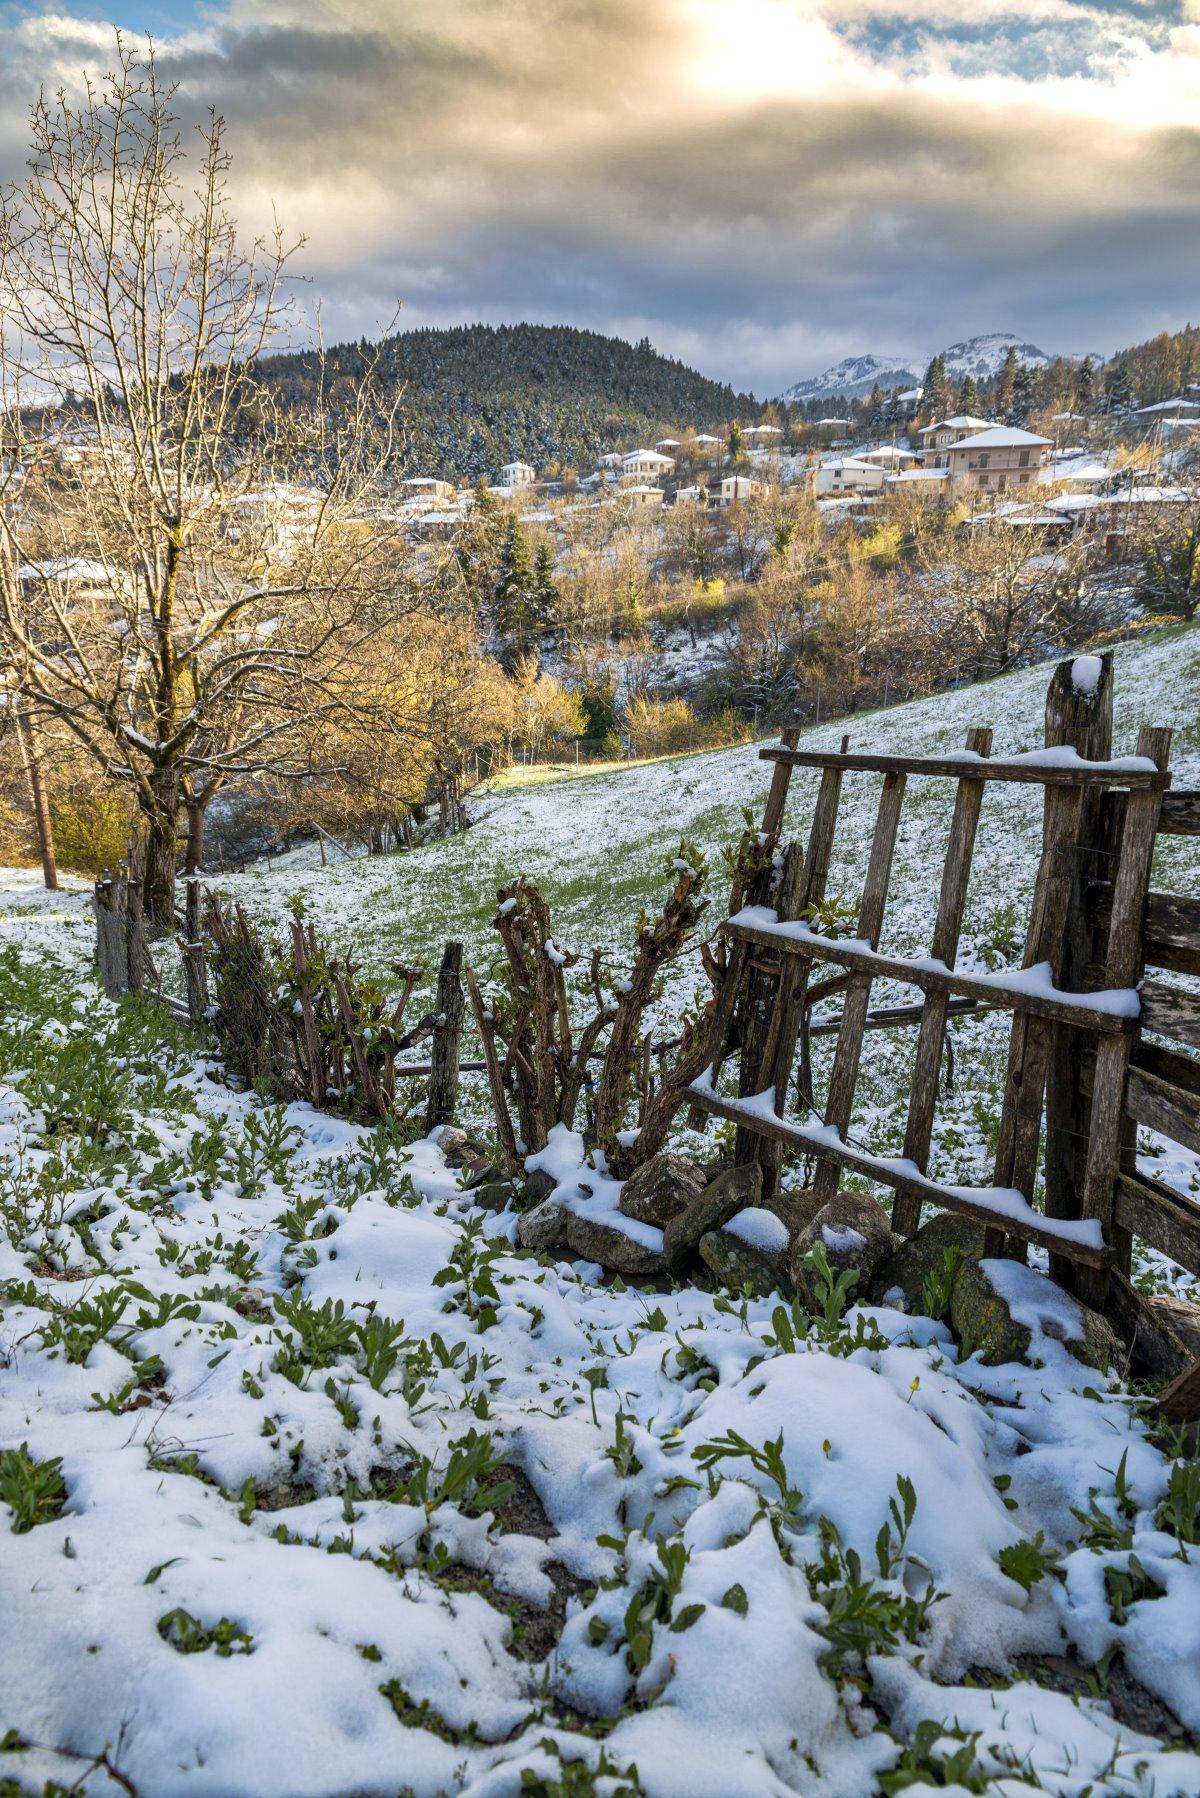 Χιονισμένο χωριό στη Λίμνη Πλαστήρα